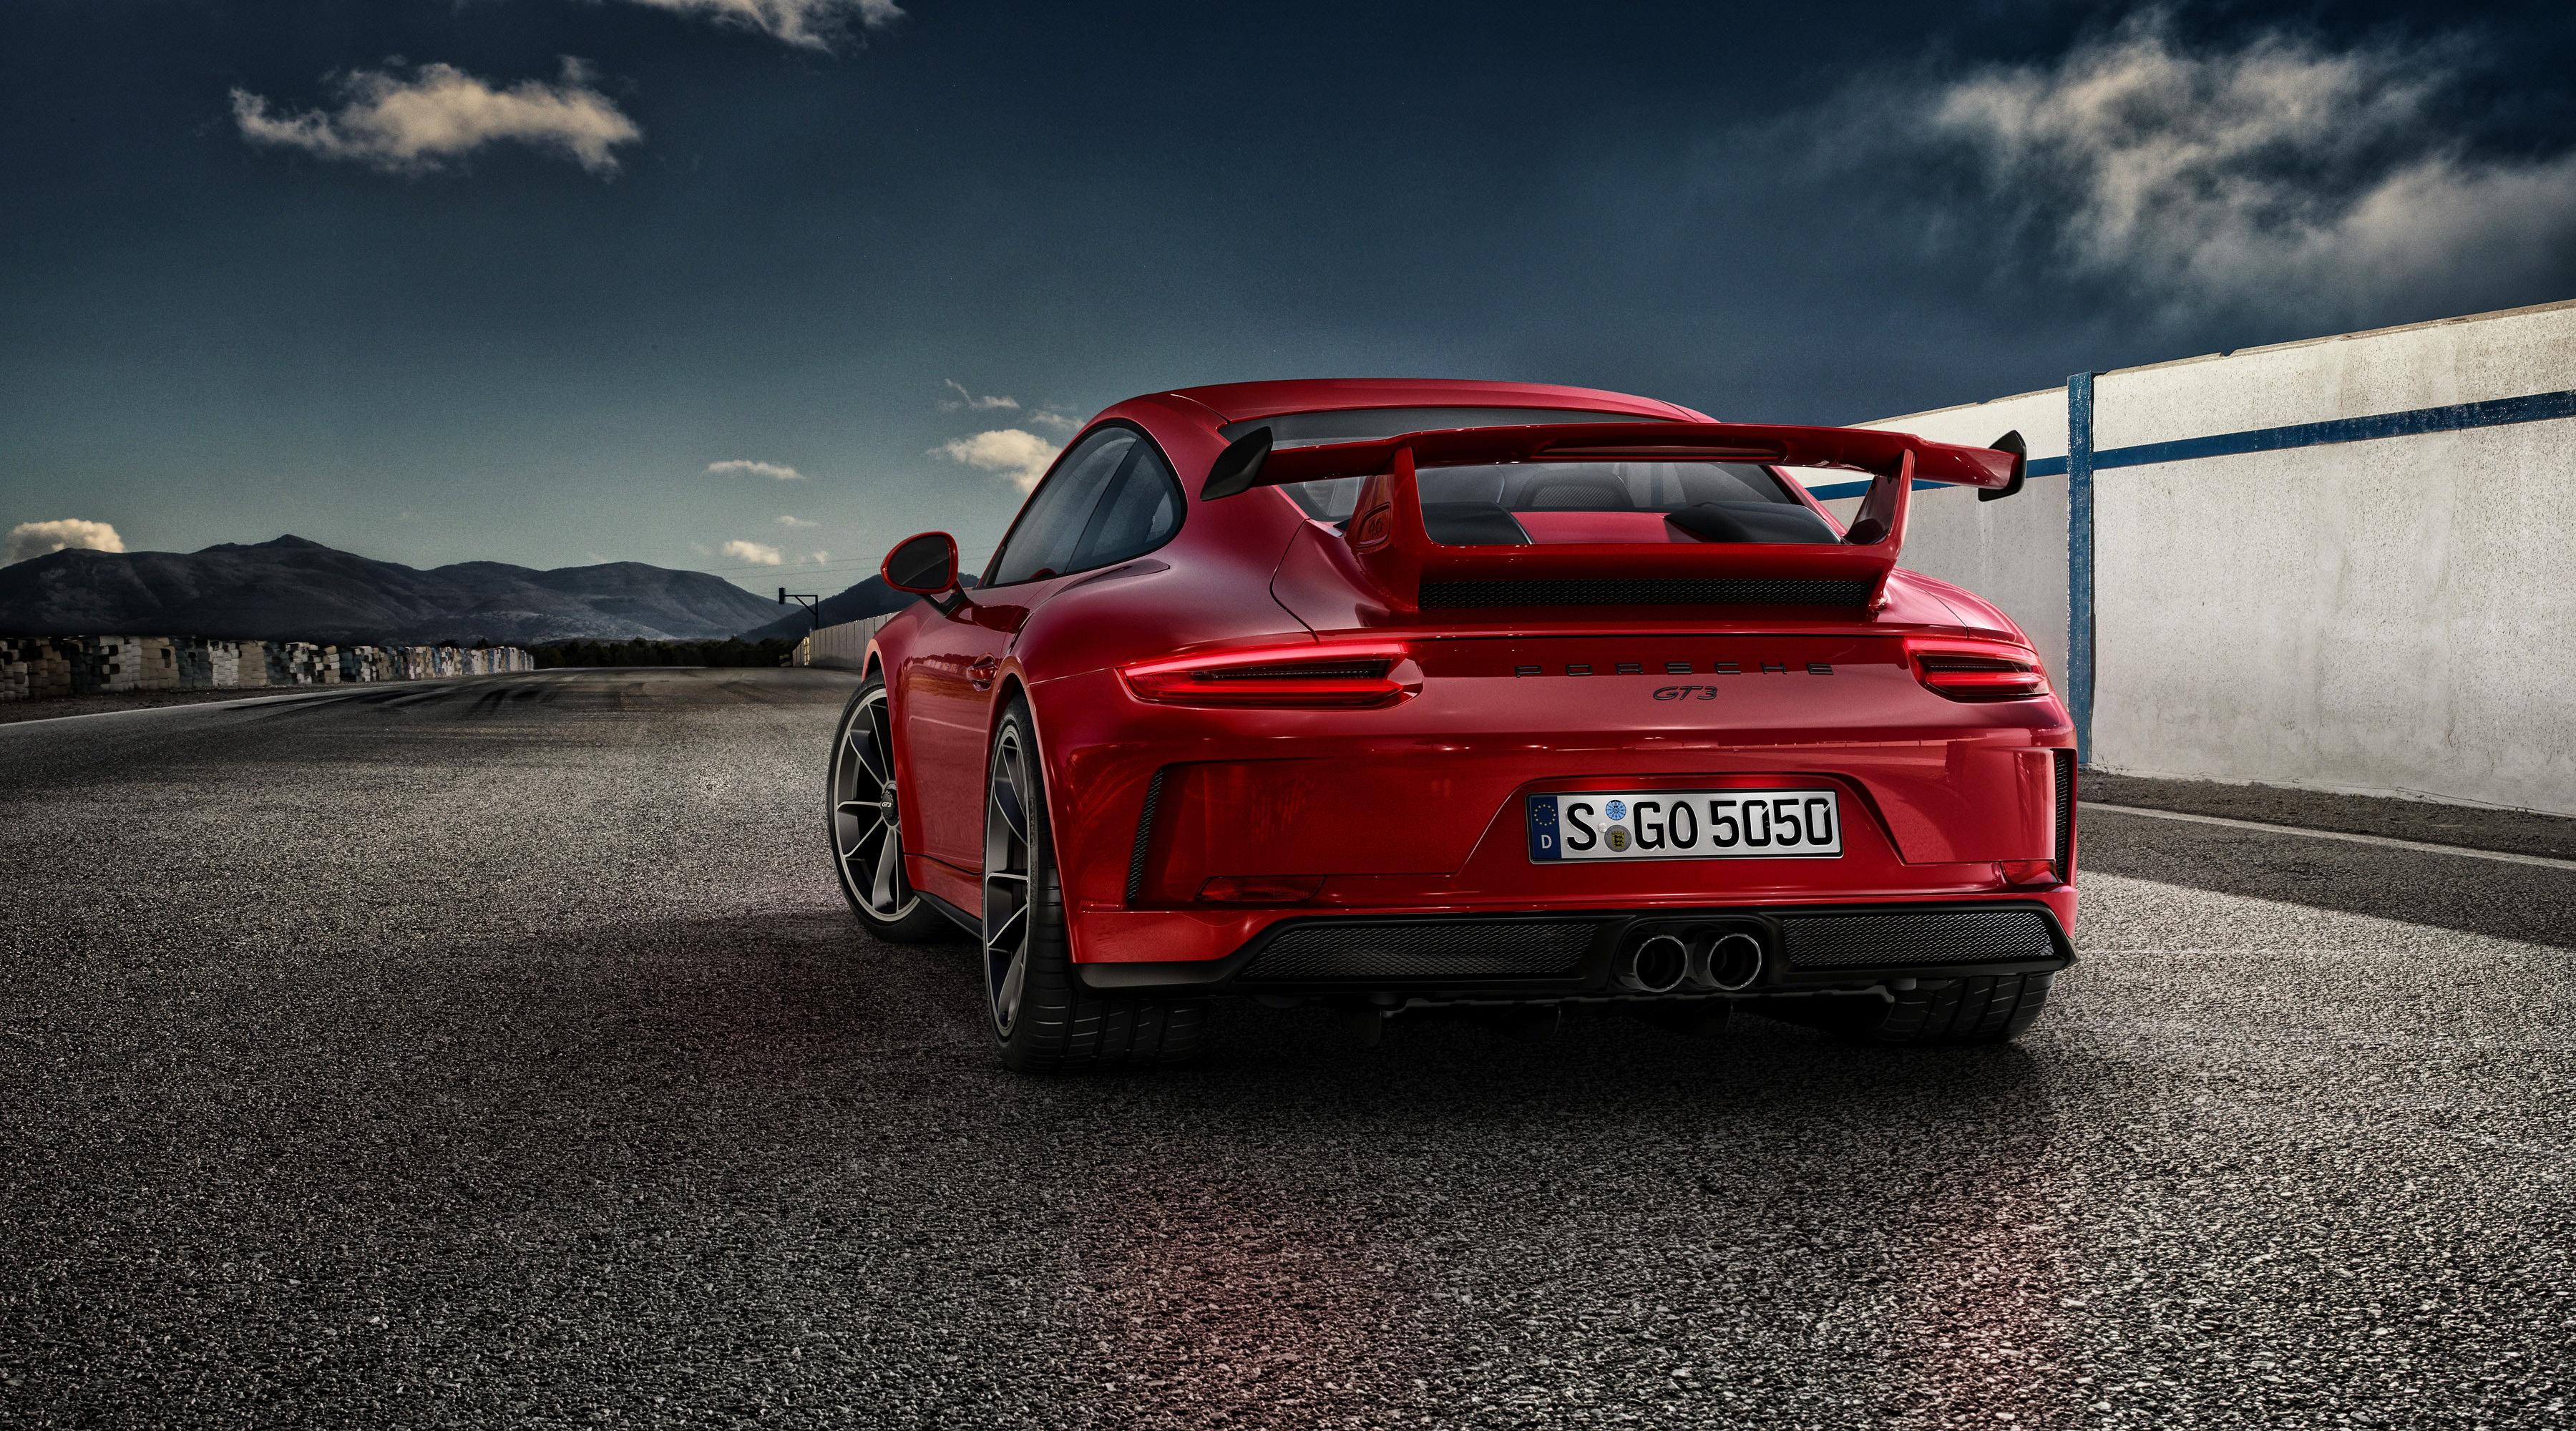 4k Porche Carrera Gt Wallpaper: 2017 Porsche 911 GT3, HD Cars, 4k Wallpapers, Images